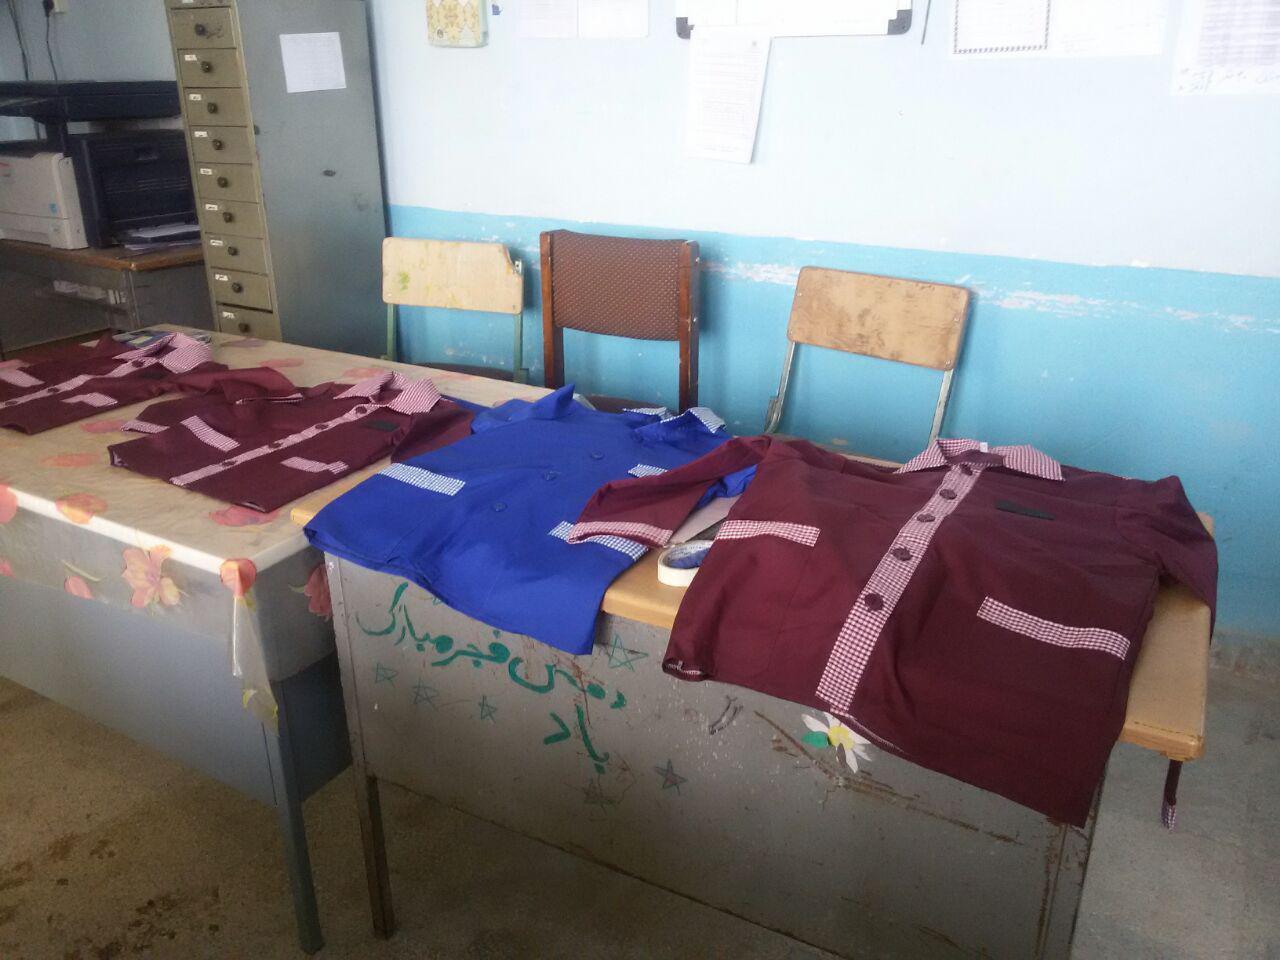 اهدای مانتو و روپوش به دانش آموزان کردمیر توسط خیریه خیمه گاه اهل بیت چهاردانگه